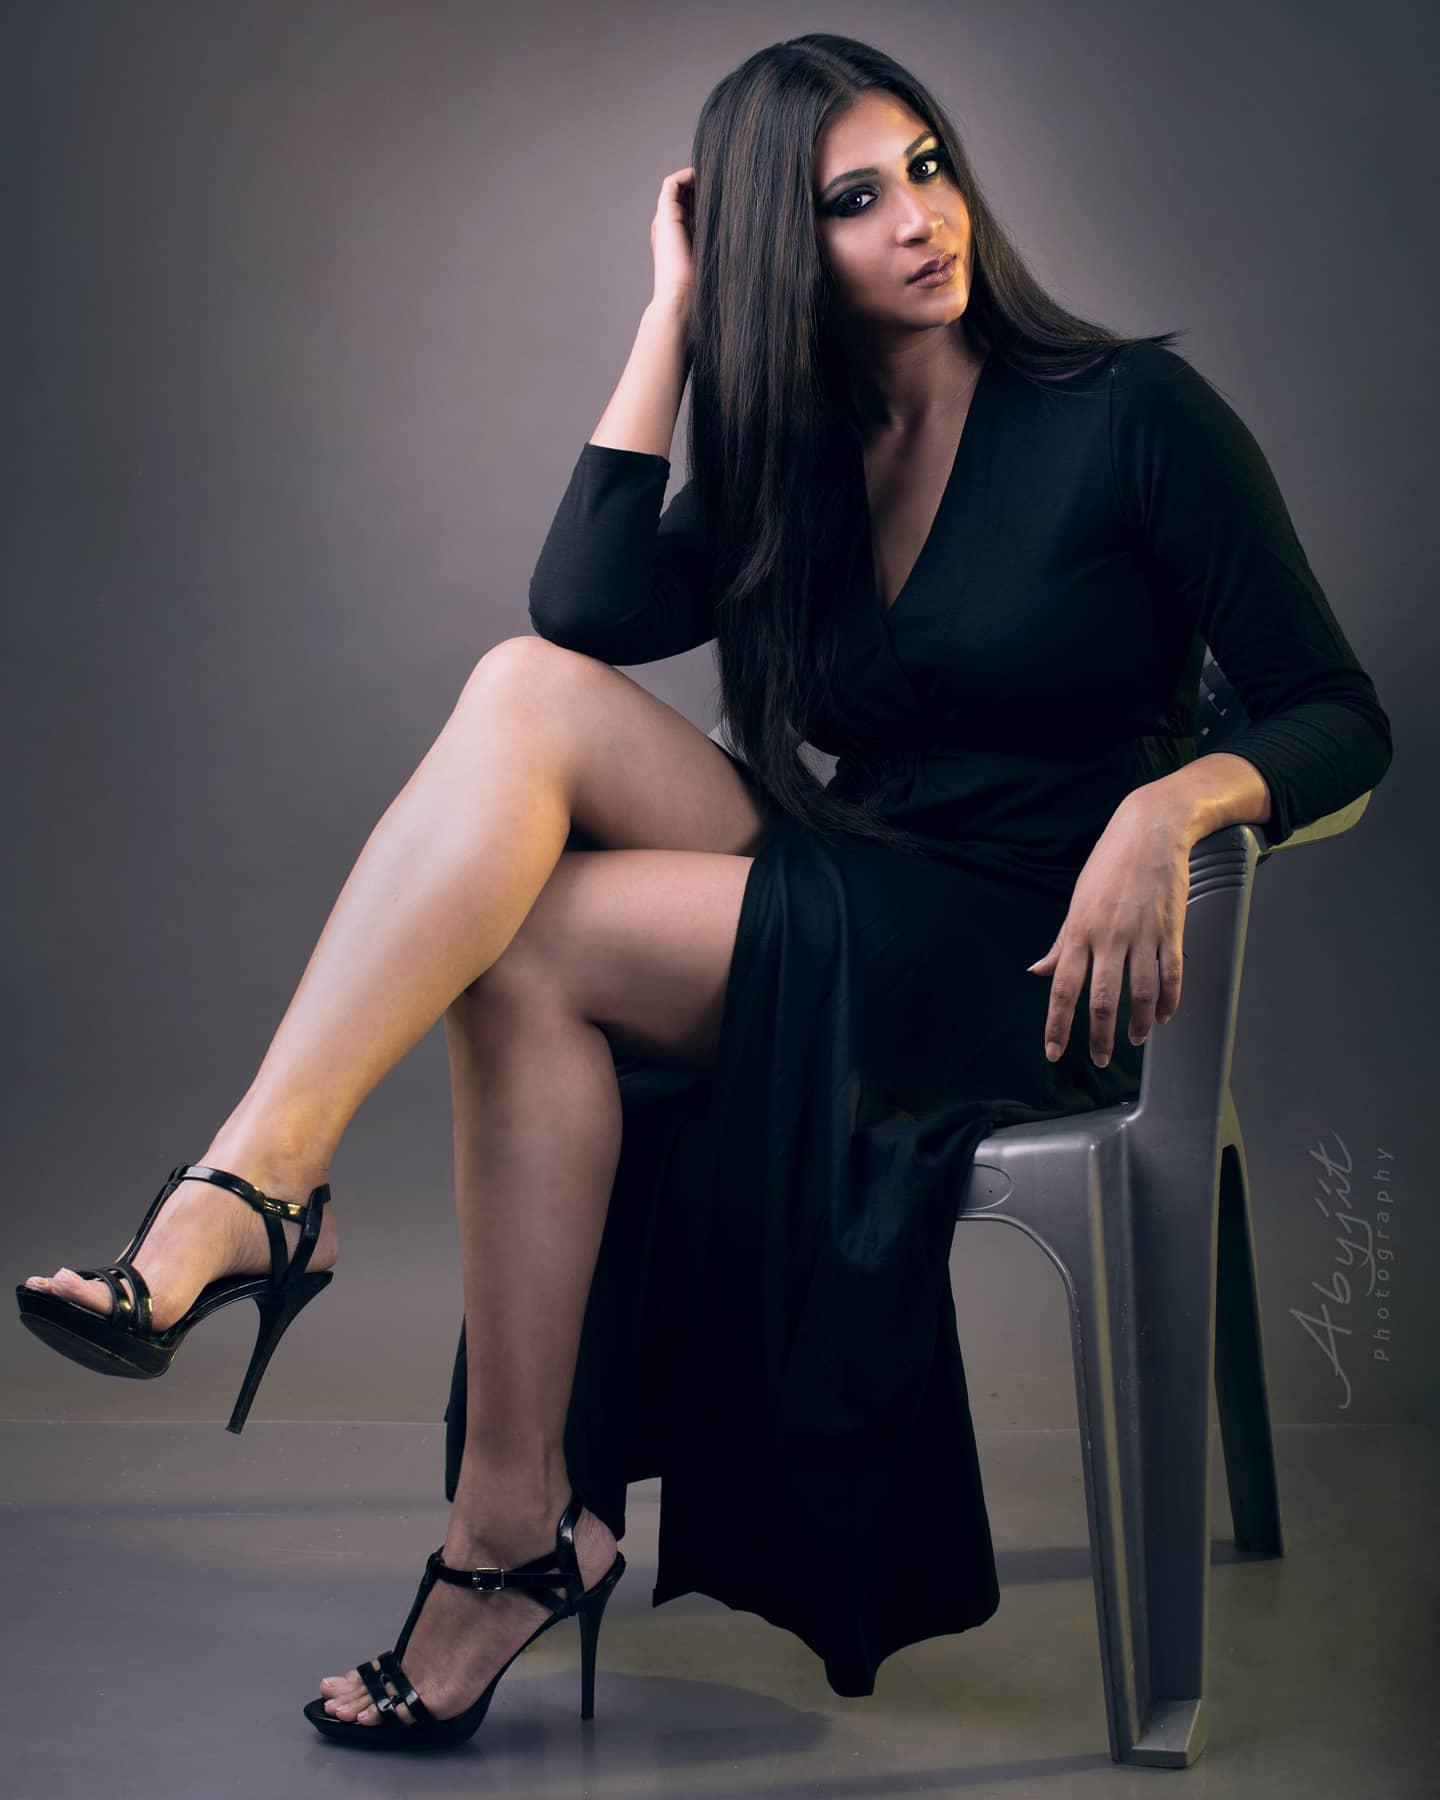 Parineeta Borthakur sexy photo | assmese sexy actress photo